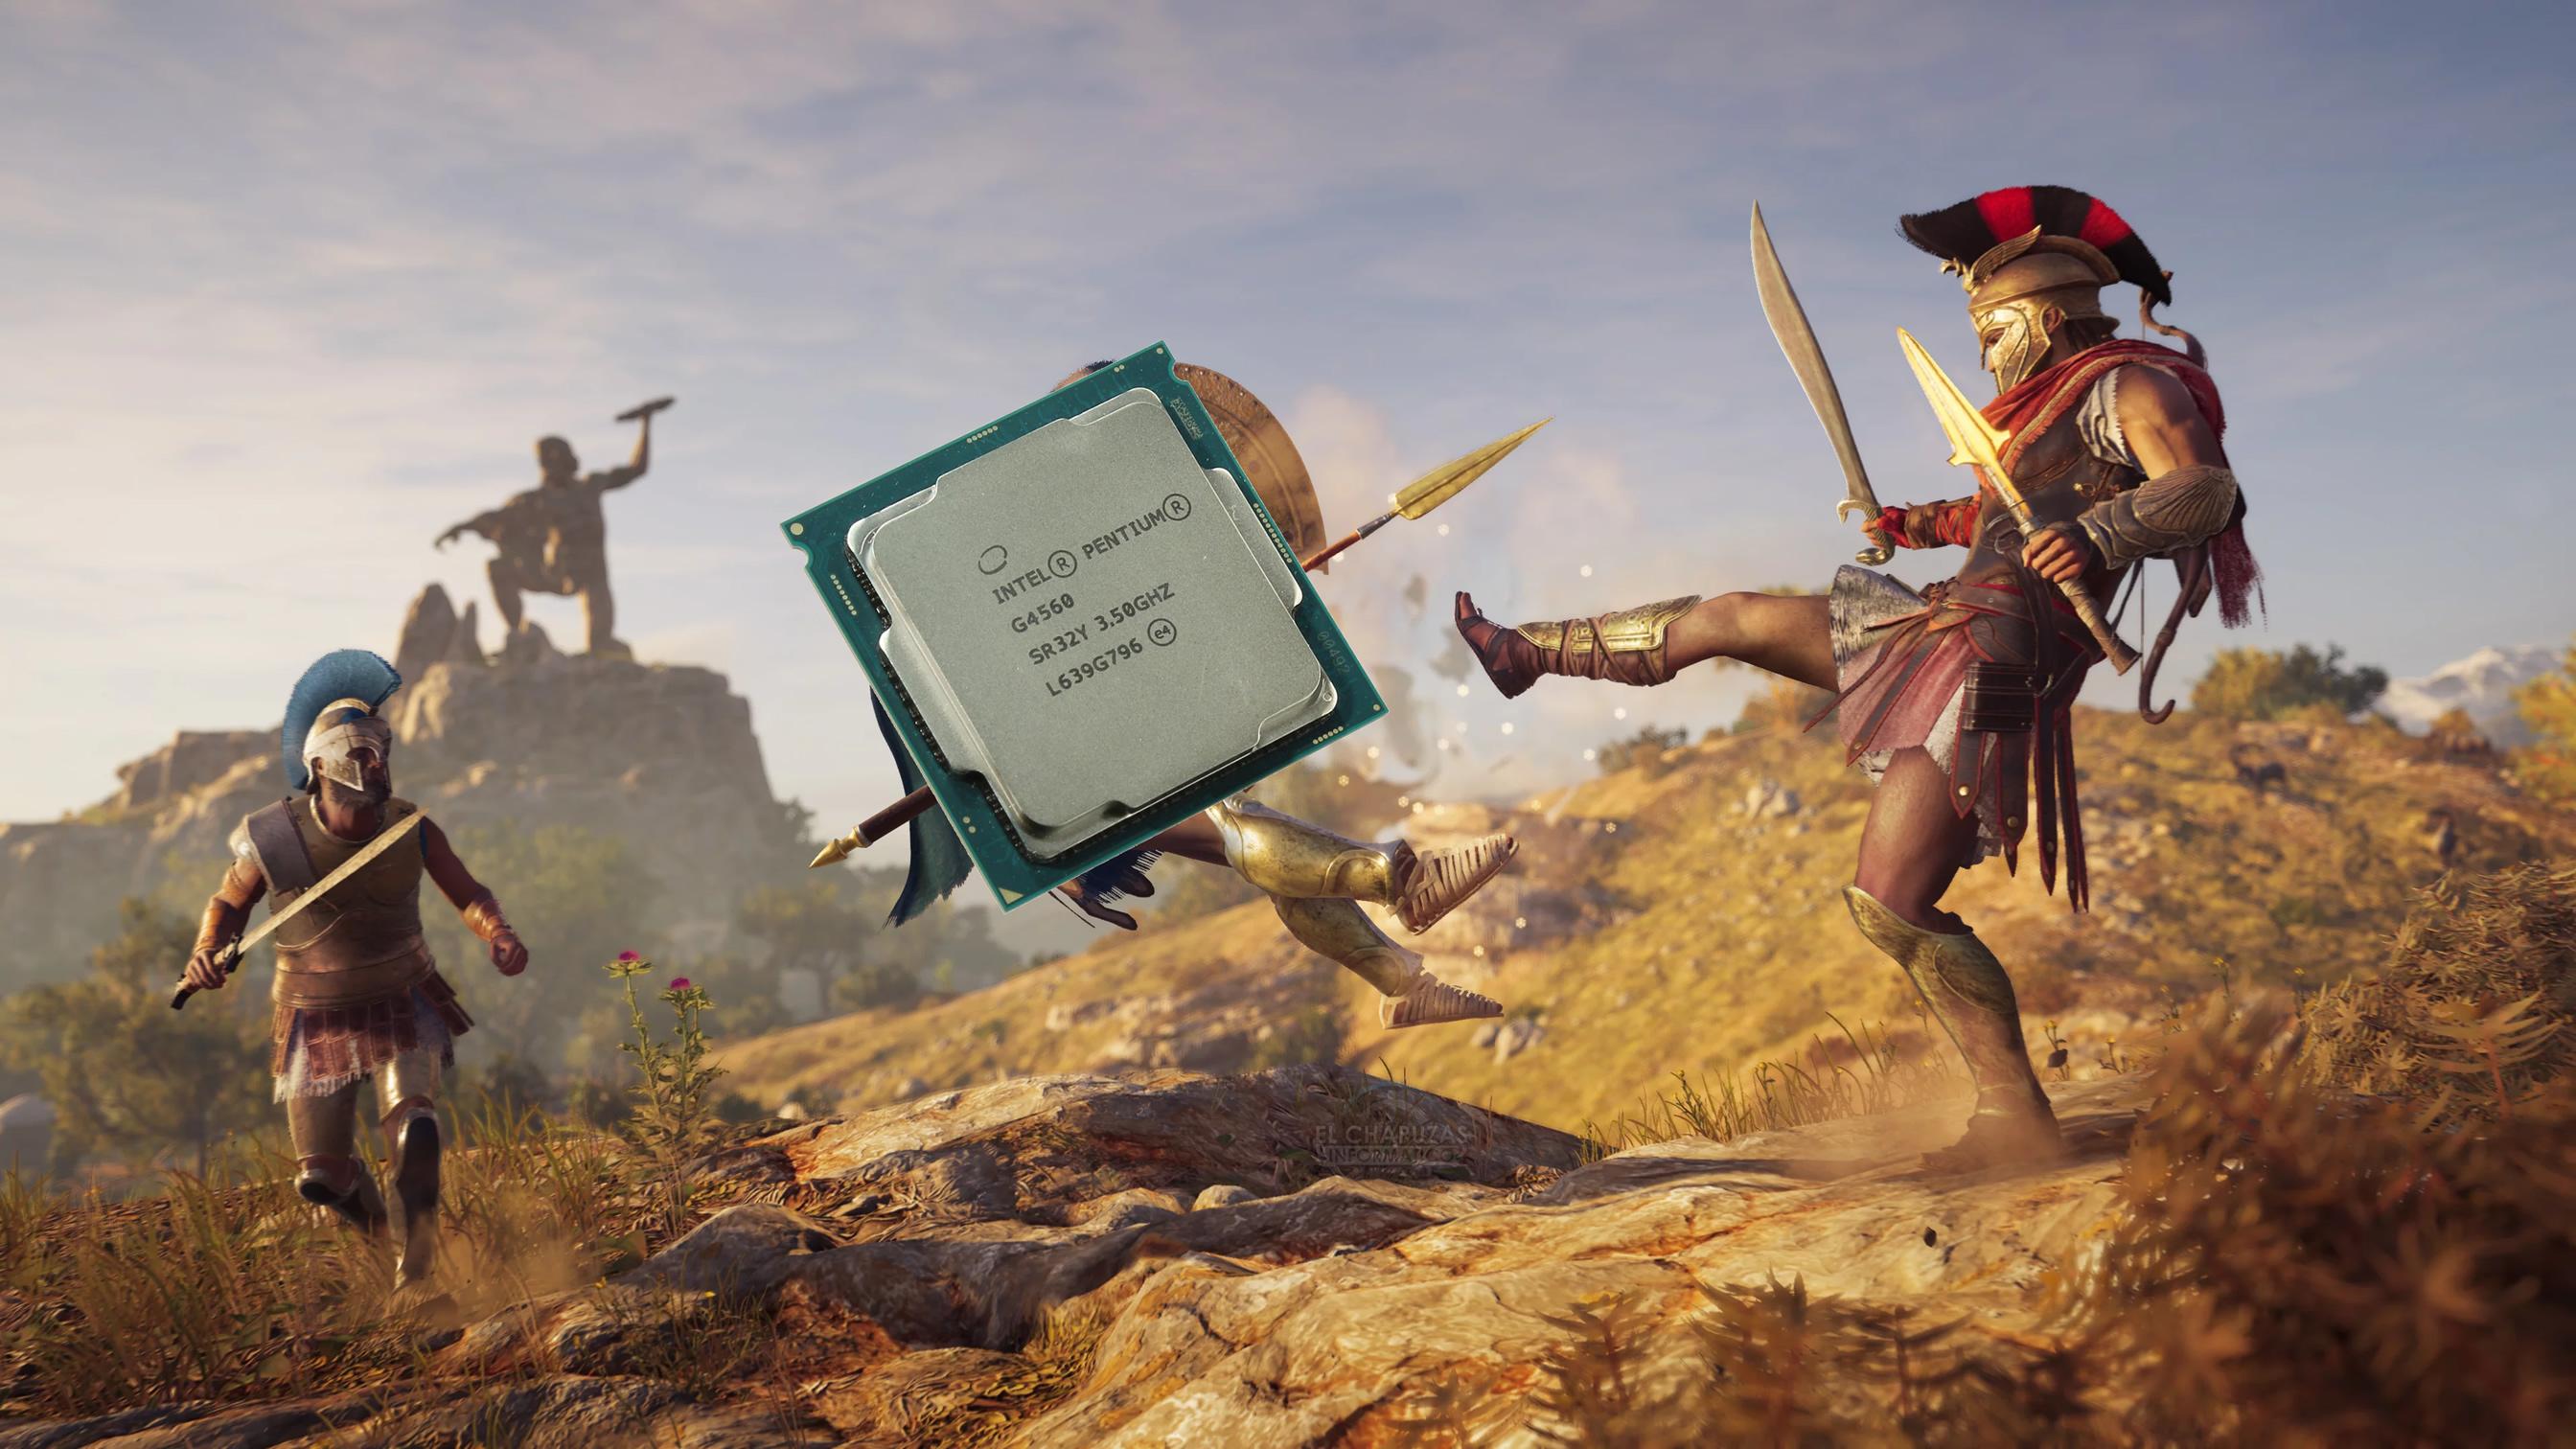 Llegan a México los procesadores Core i9 de 9a. Generación para gamers